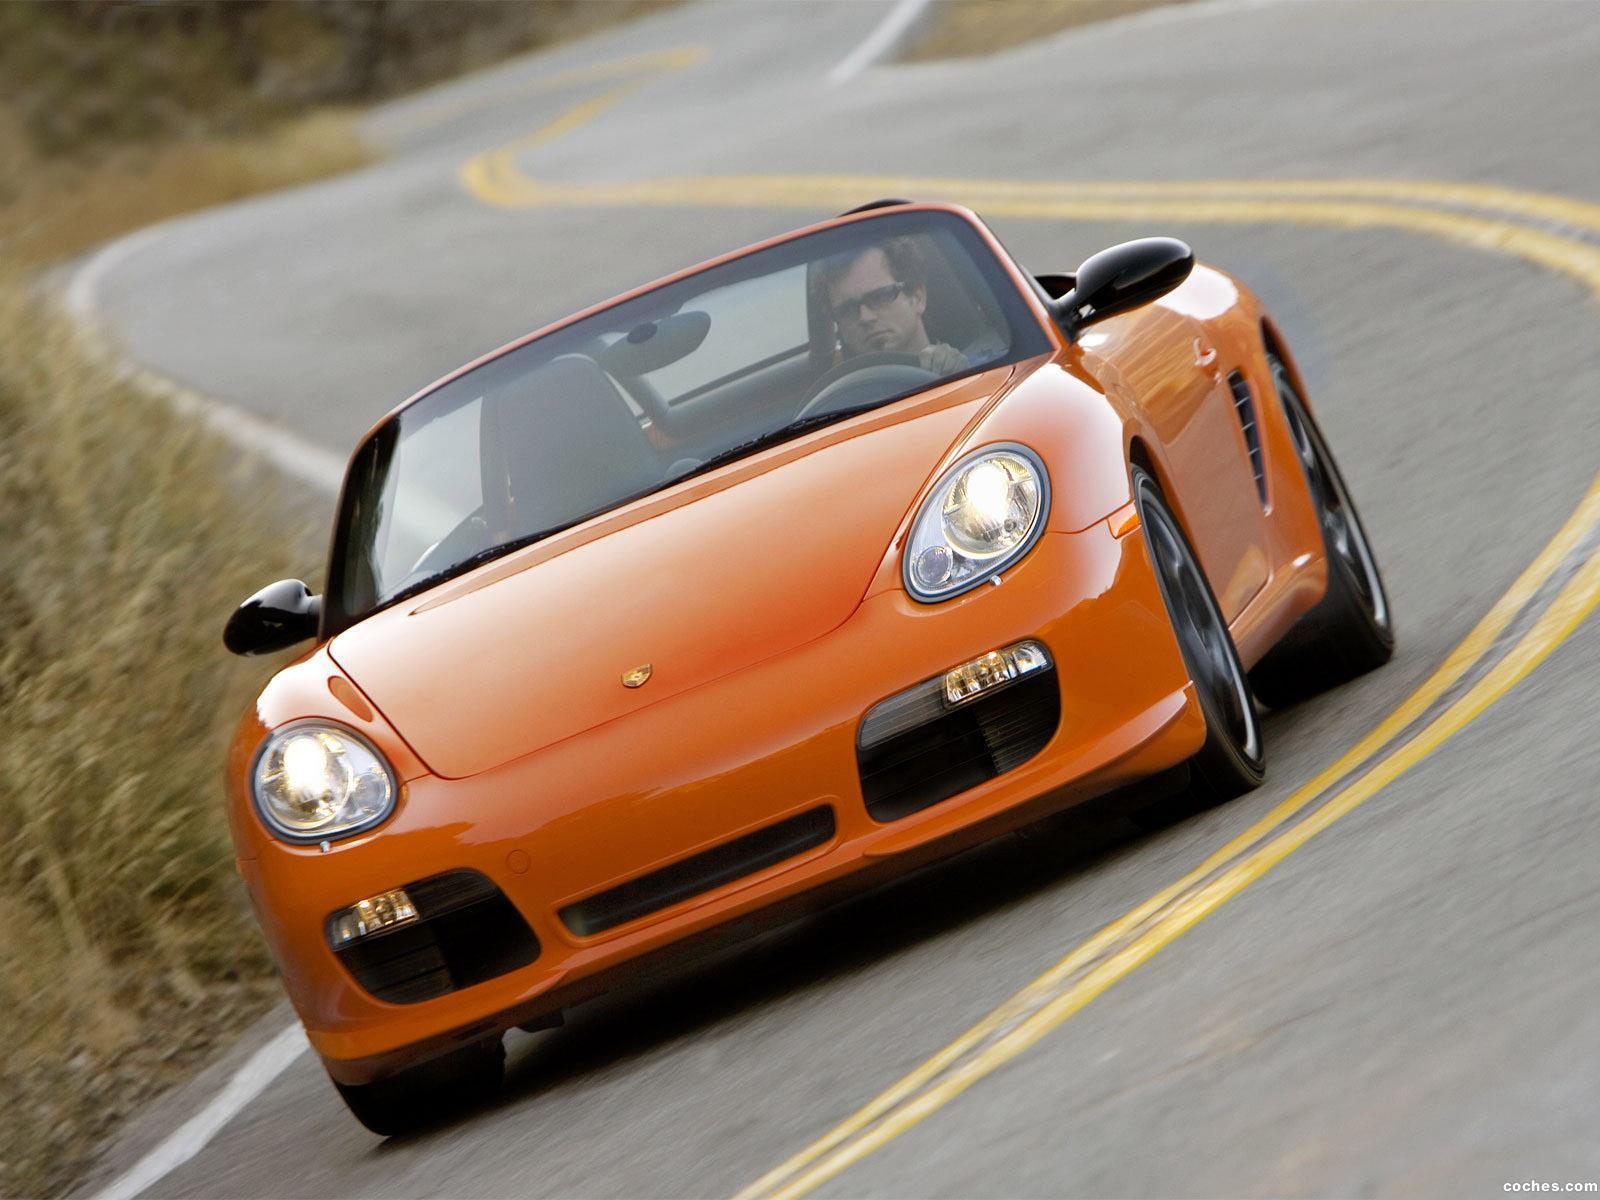 Foto 0 de Porsche Boxster S Limited Edition 987 2007